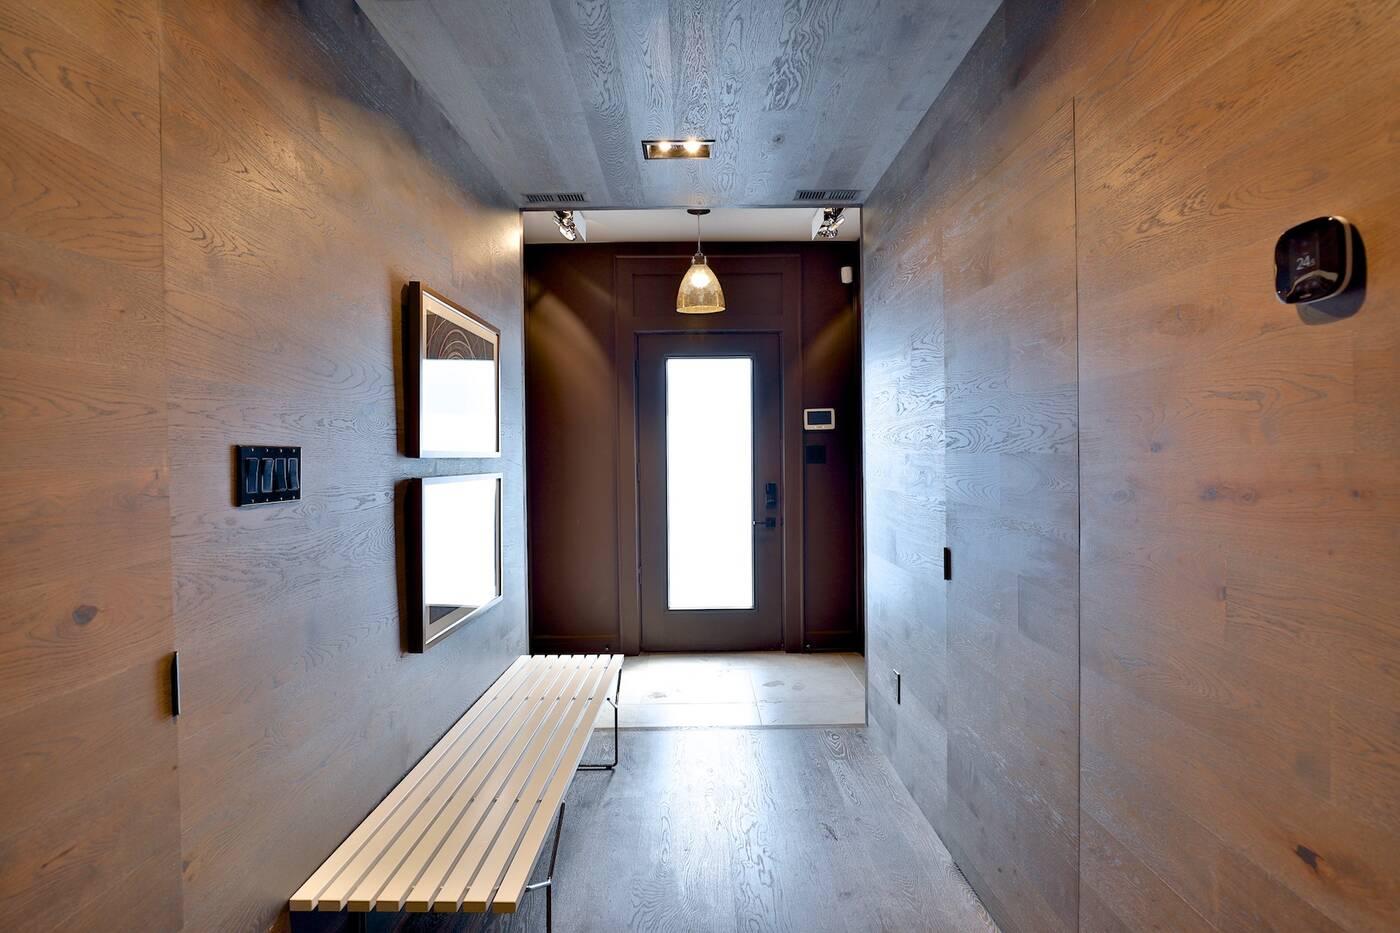 west 40 lofts